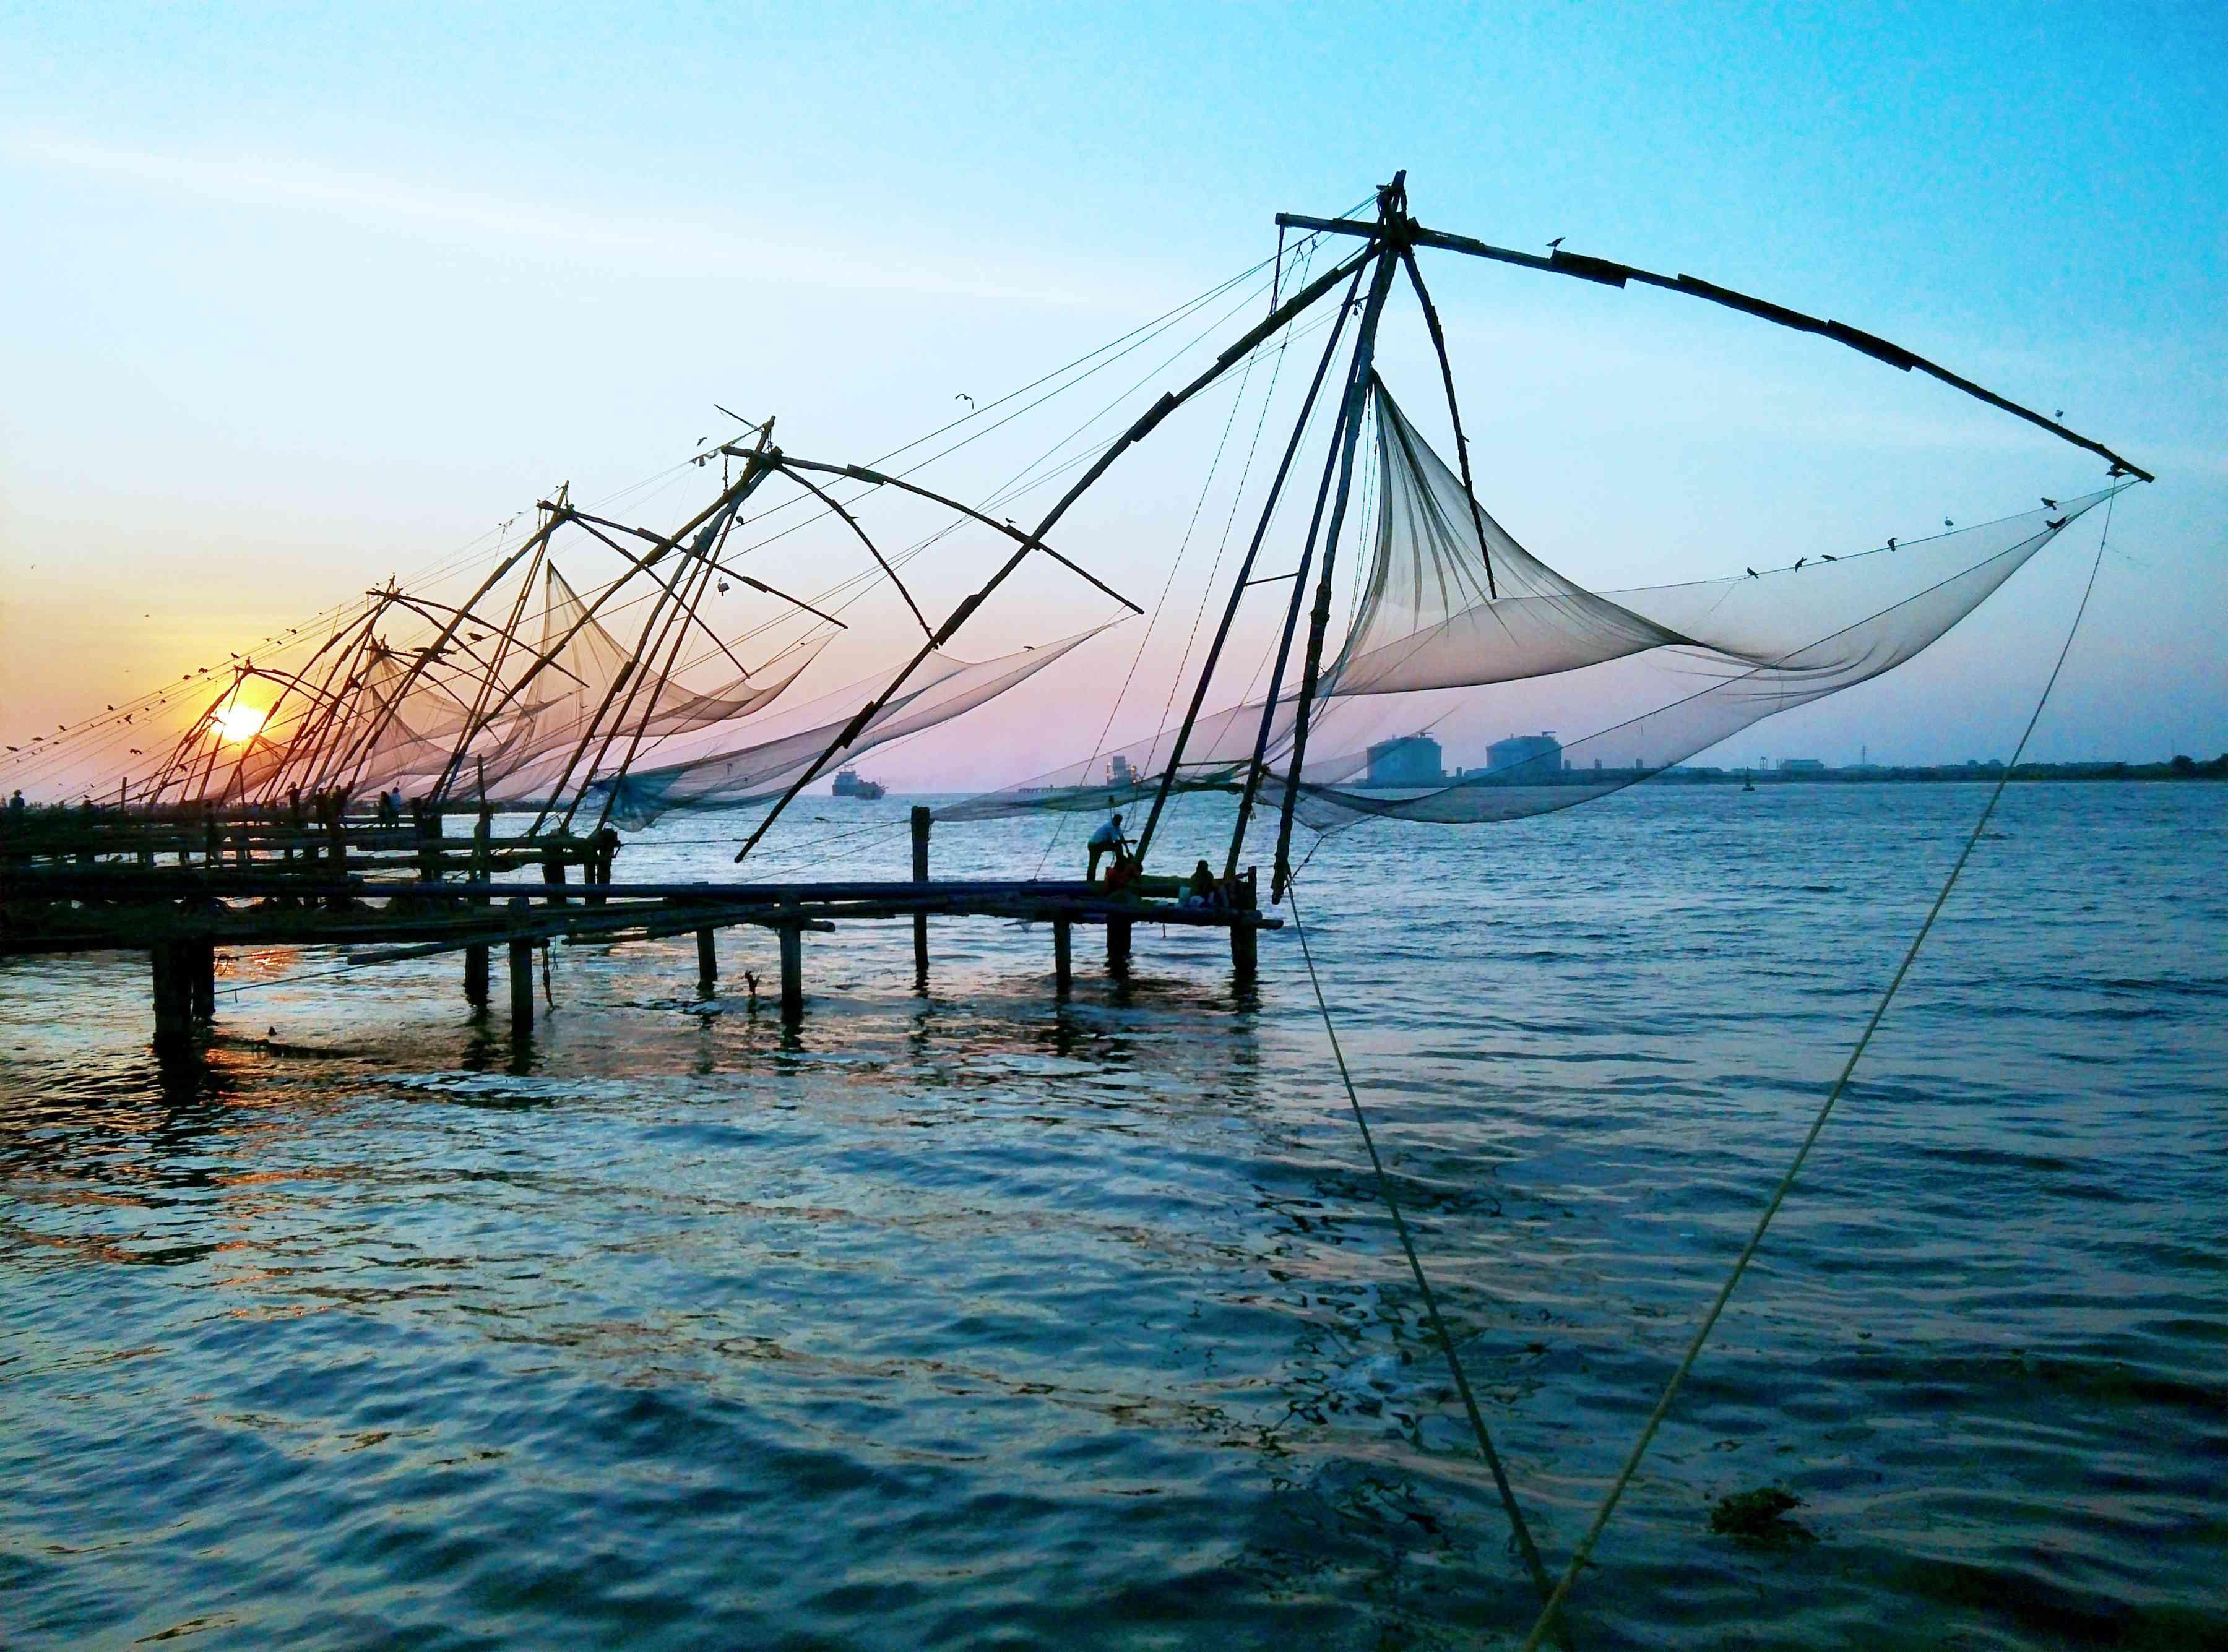 Redes de pesca chinas al atardecer, Fort Kochin, India.